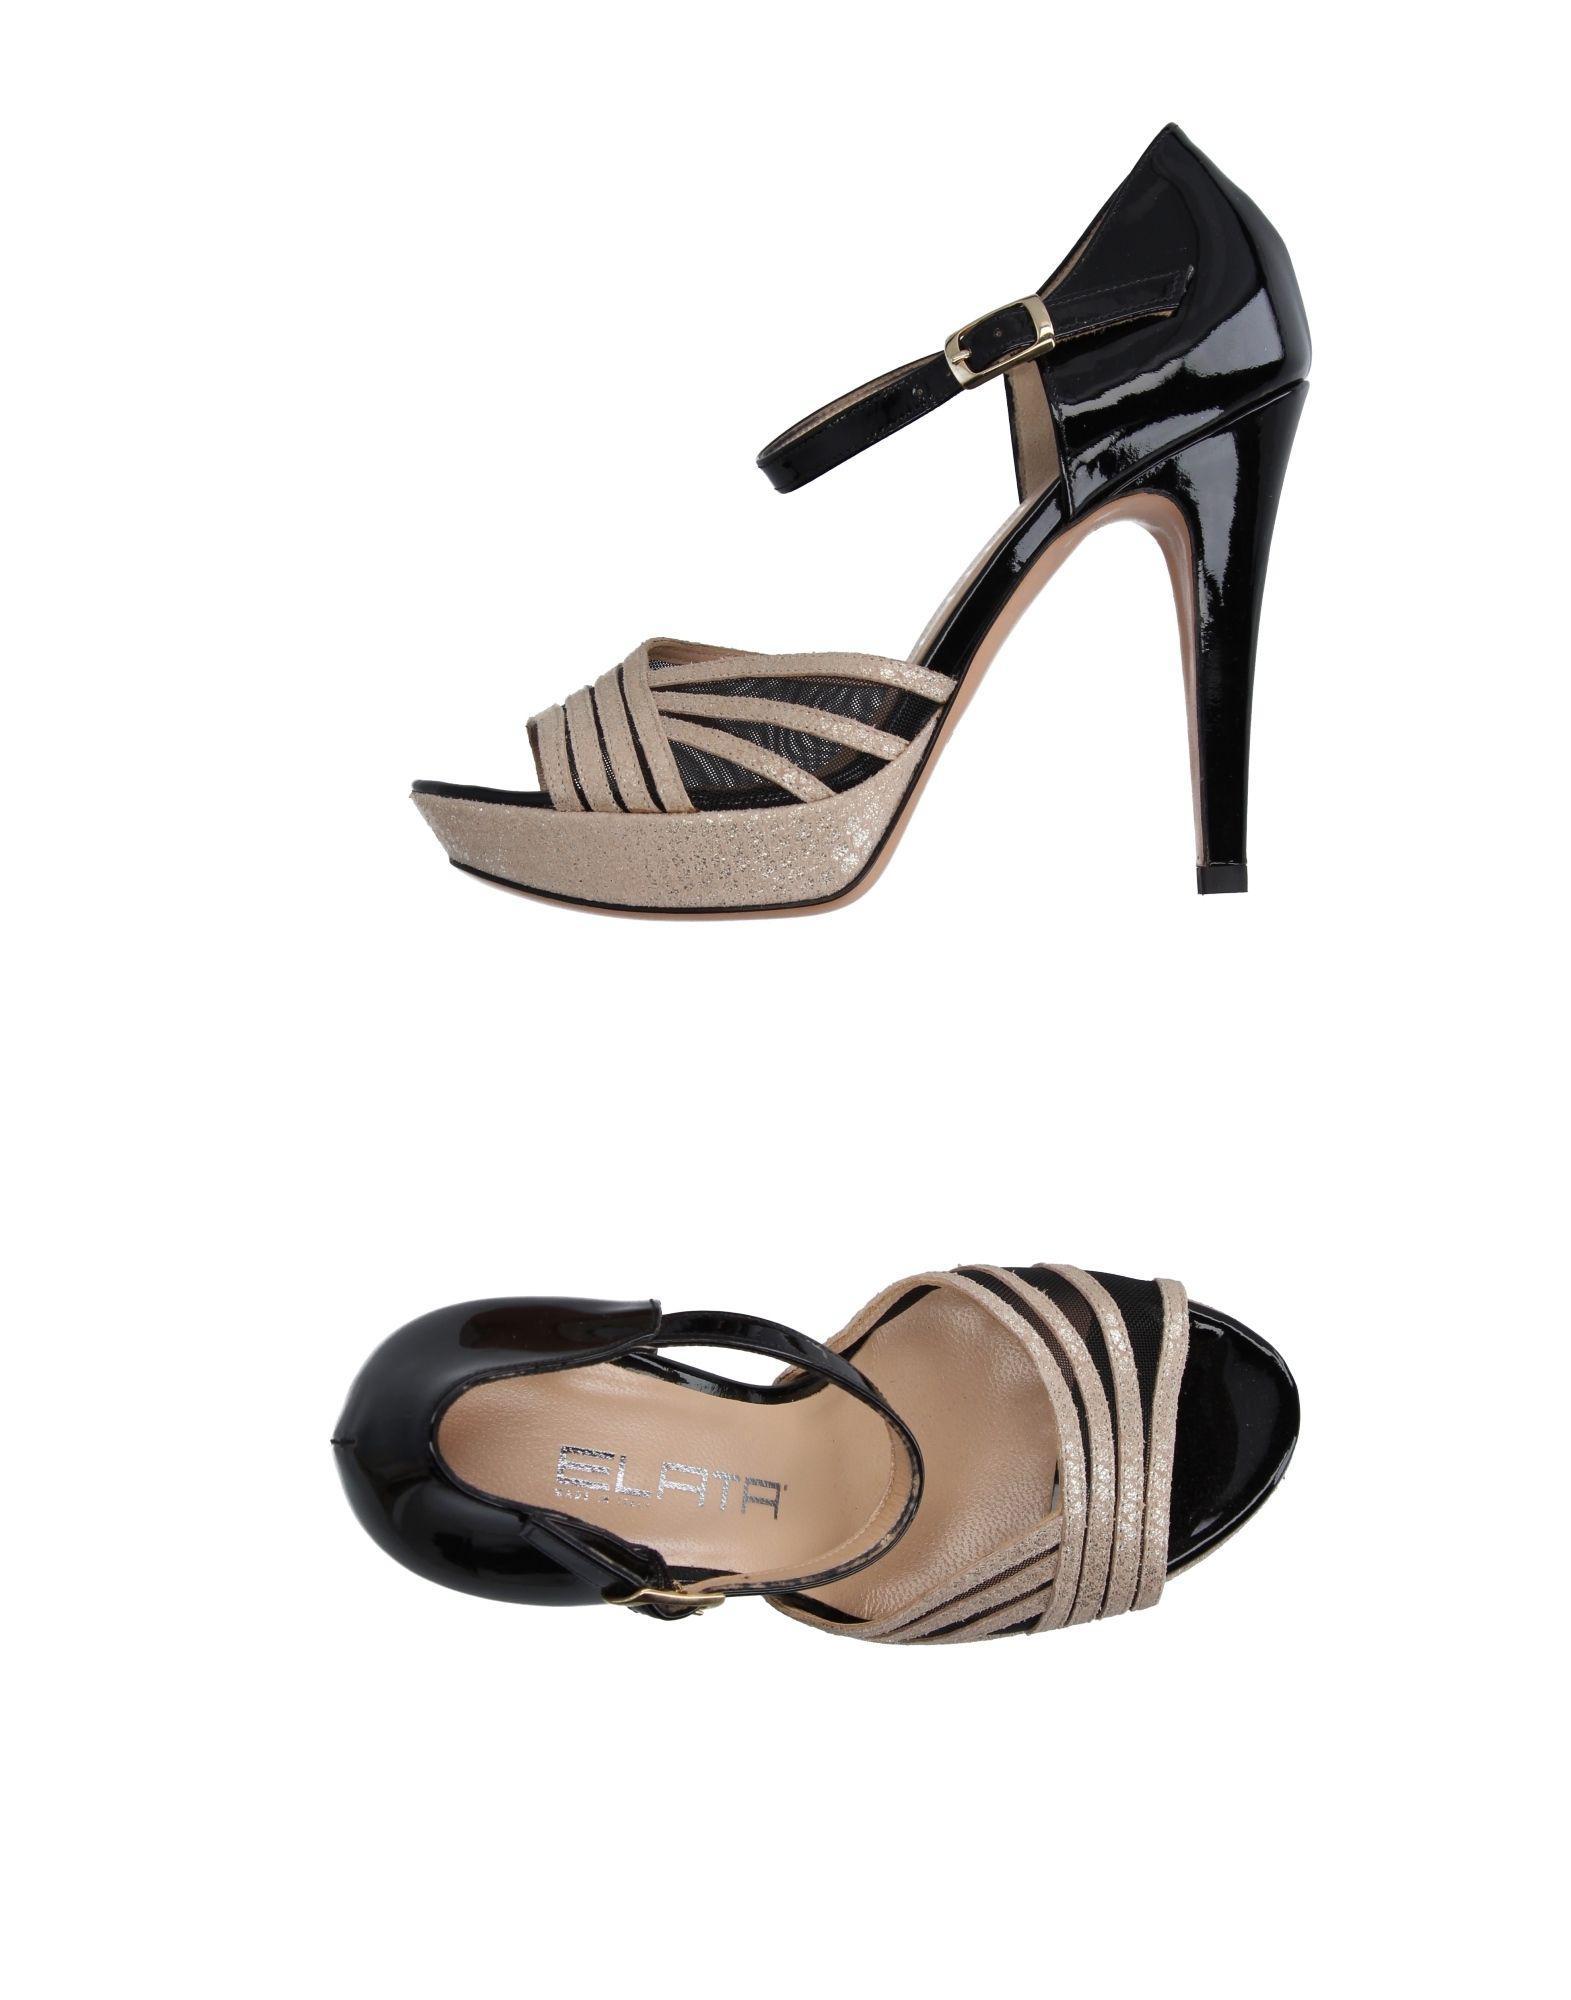 FOOTWEAR - Sandals Elata 4Rw5x